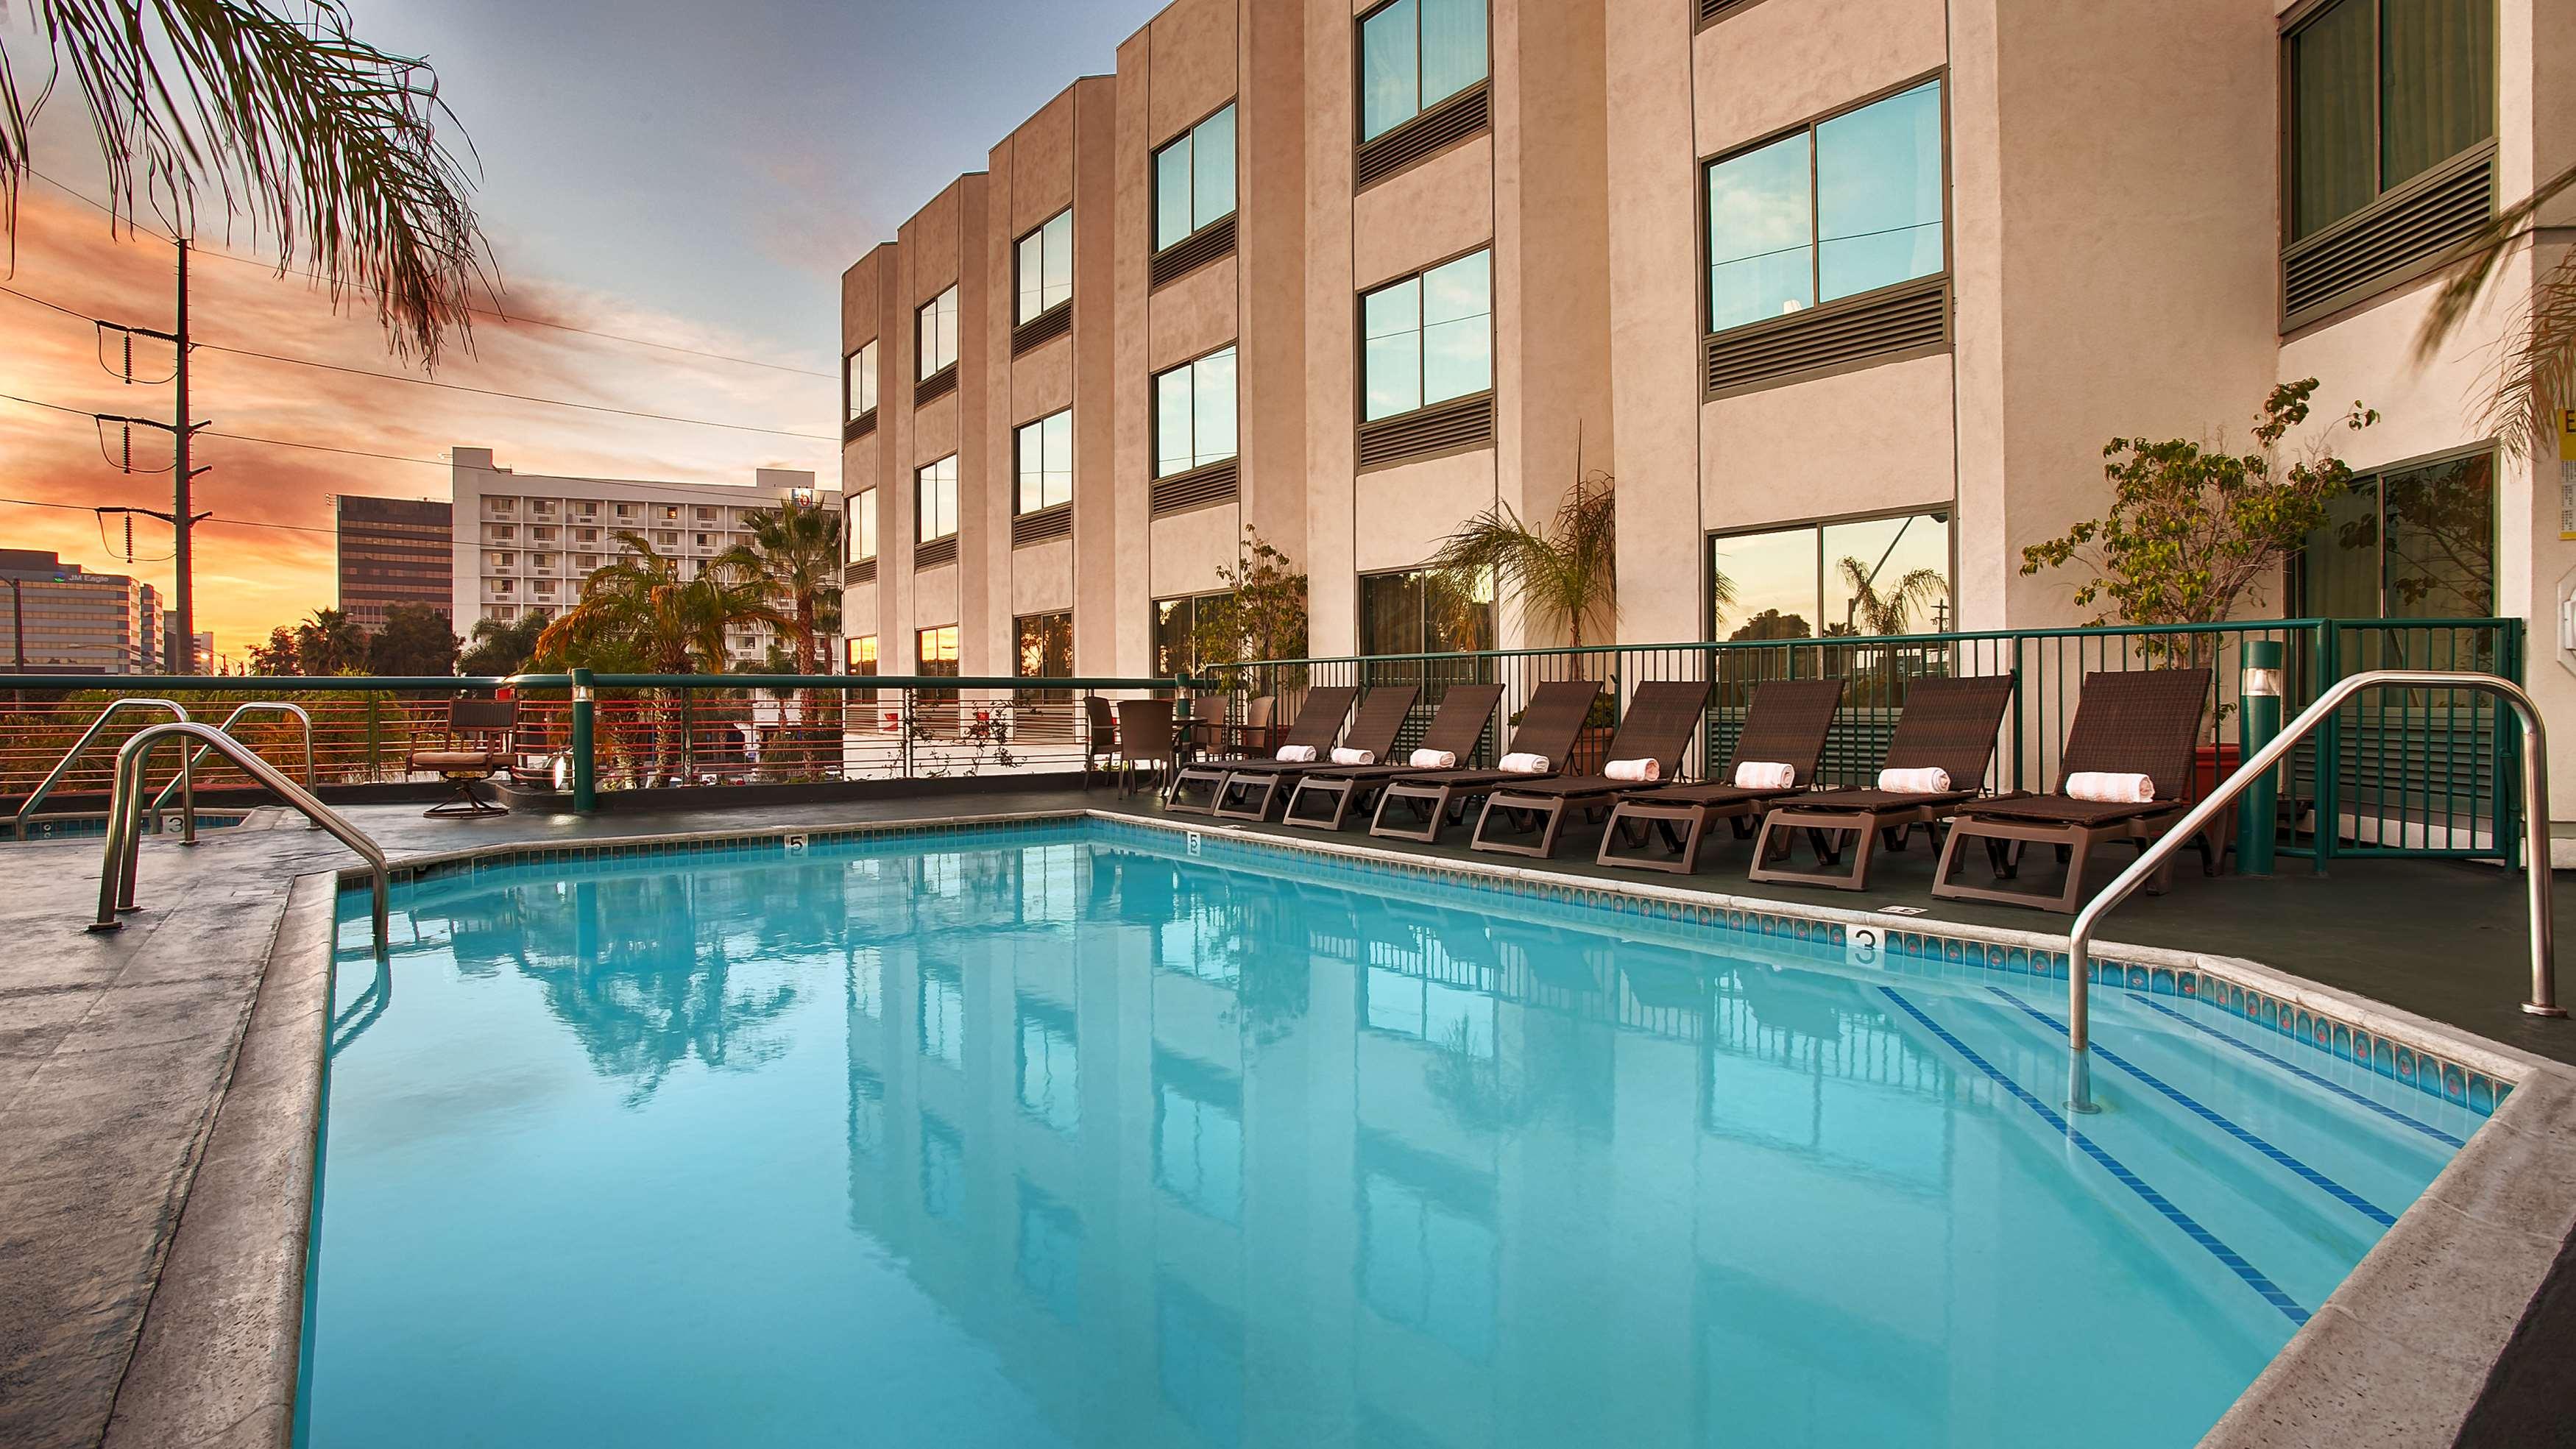 Best Western Plus Suites Hotel Inglewood